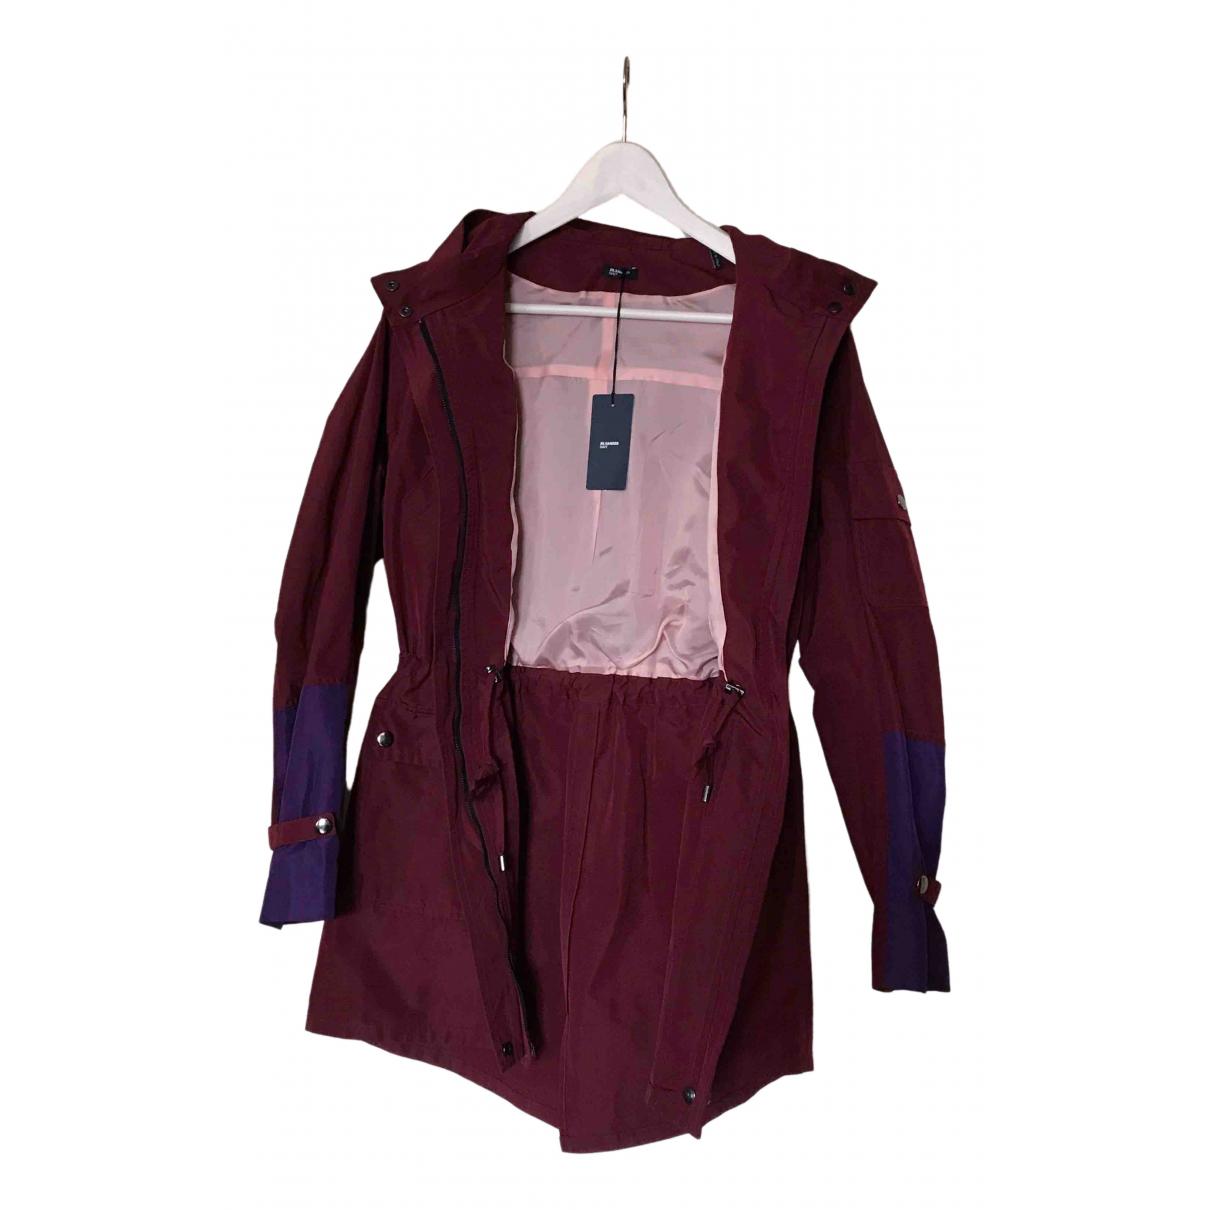 Jil Sander \N Burgundy coat for Women 38 FR